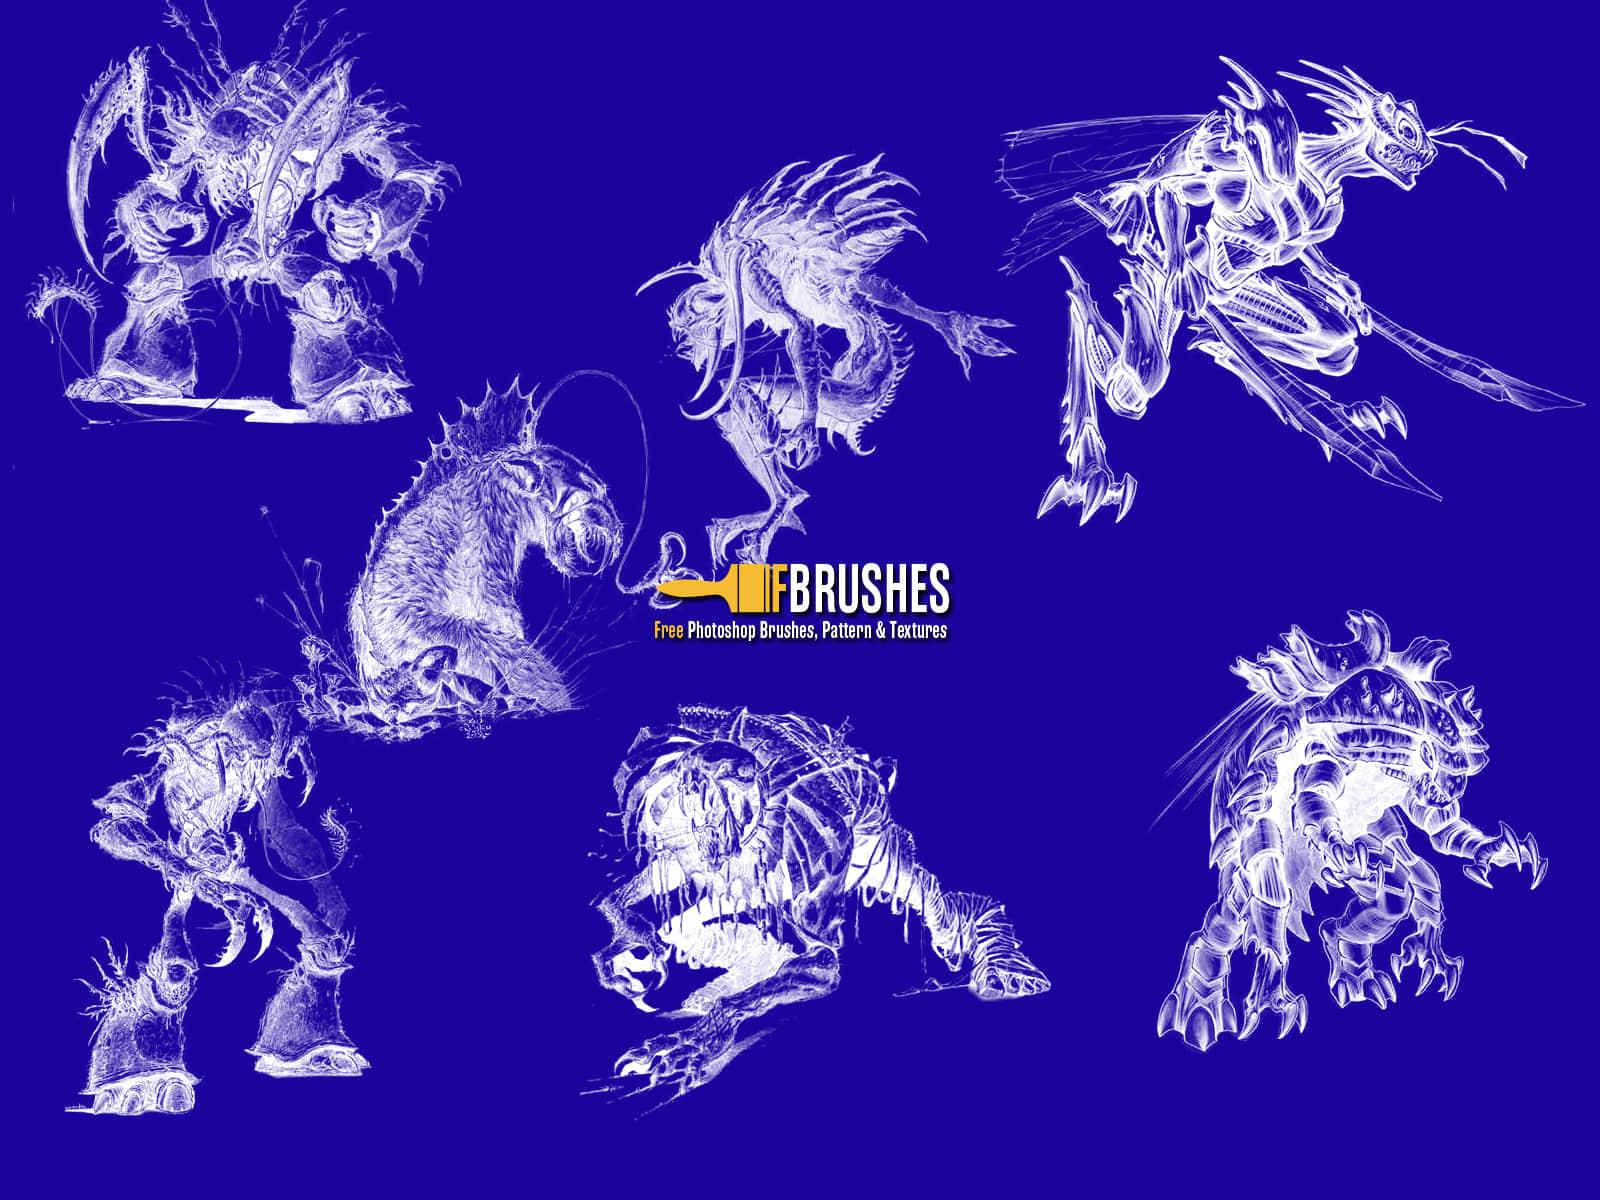 恐怖怪物图形、怪兽、魔兽Photoshop笔刷下载 魔兽笔刷 怪物笔刷 怪兽笔刷  other brushes